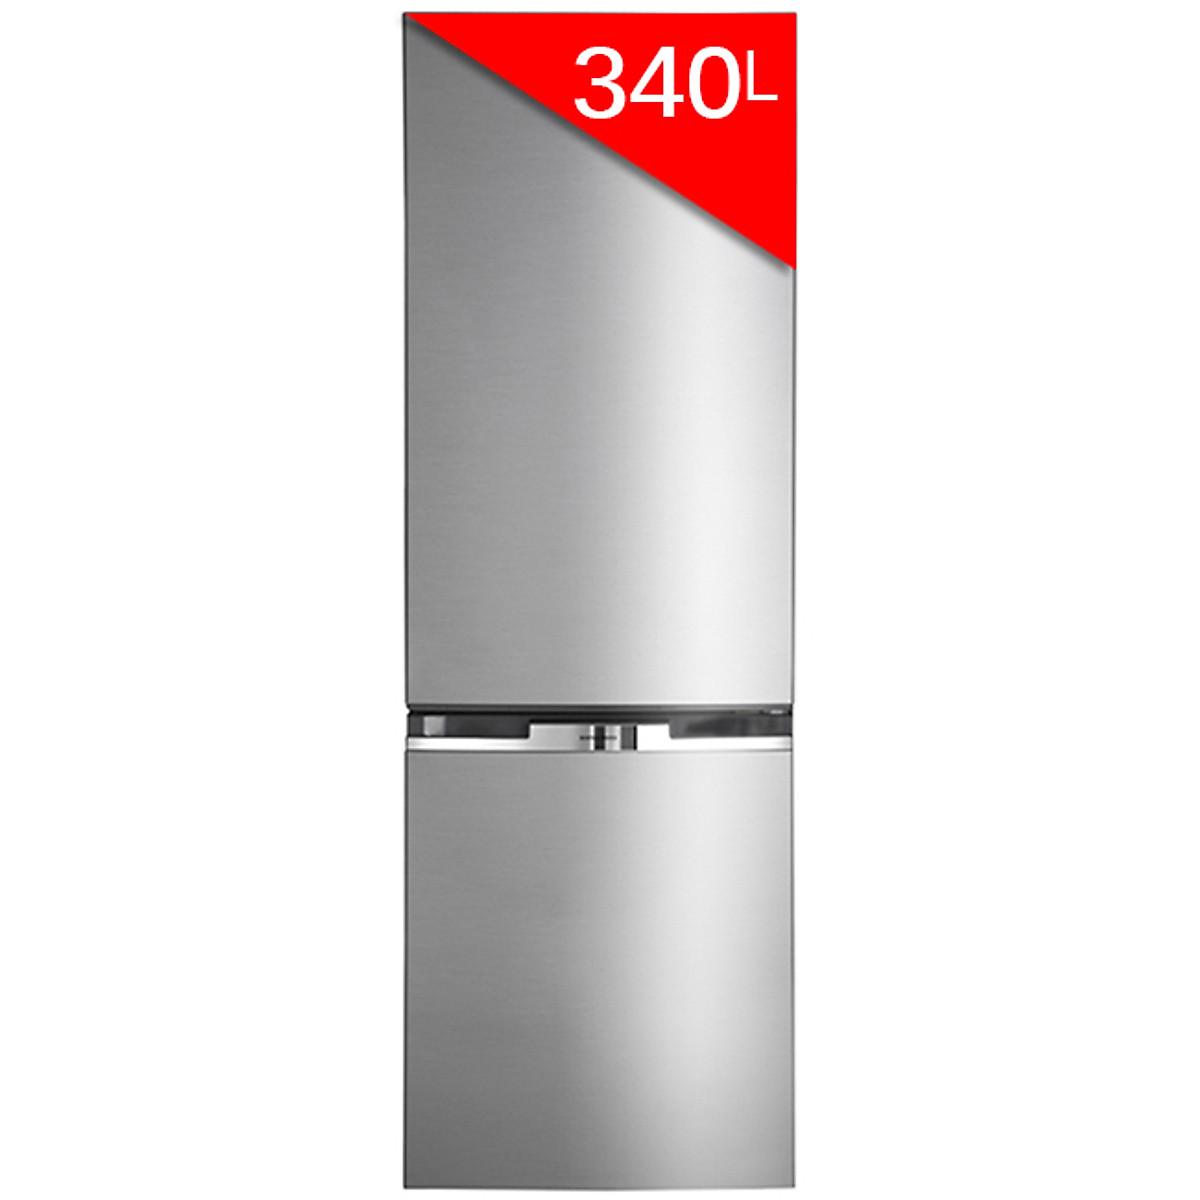 Tủ lạnh Electrolux EBB3500MG XVN 340L Inverter